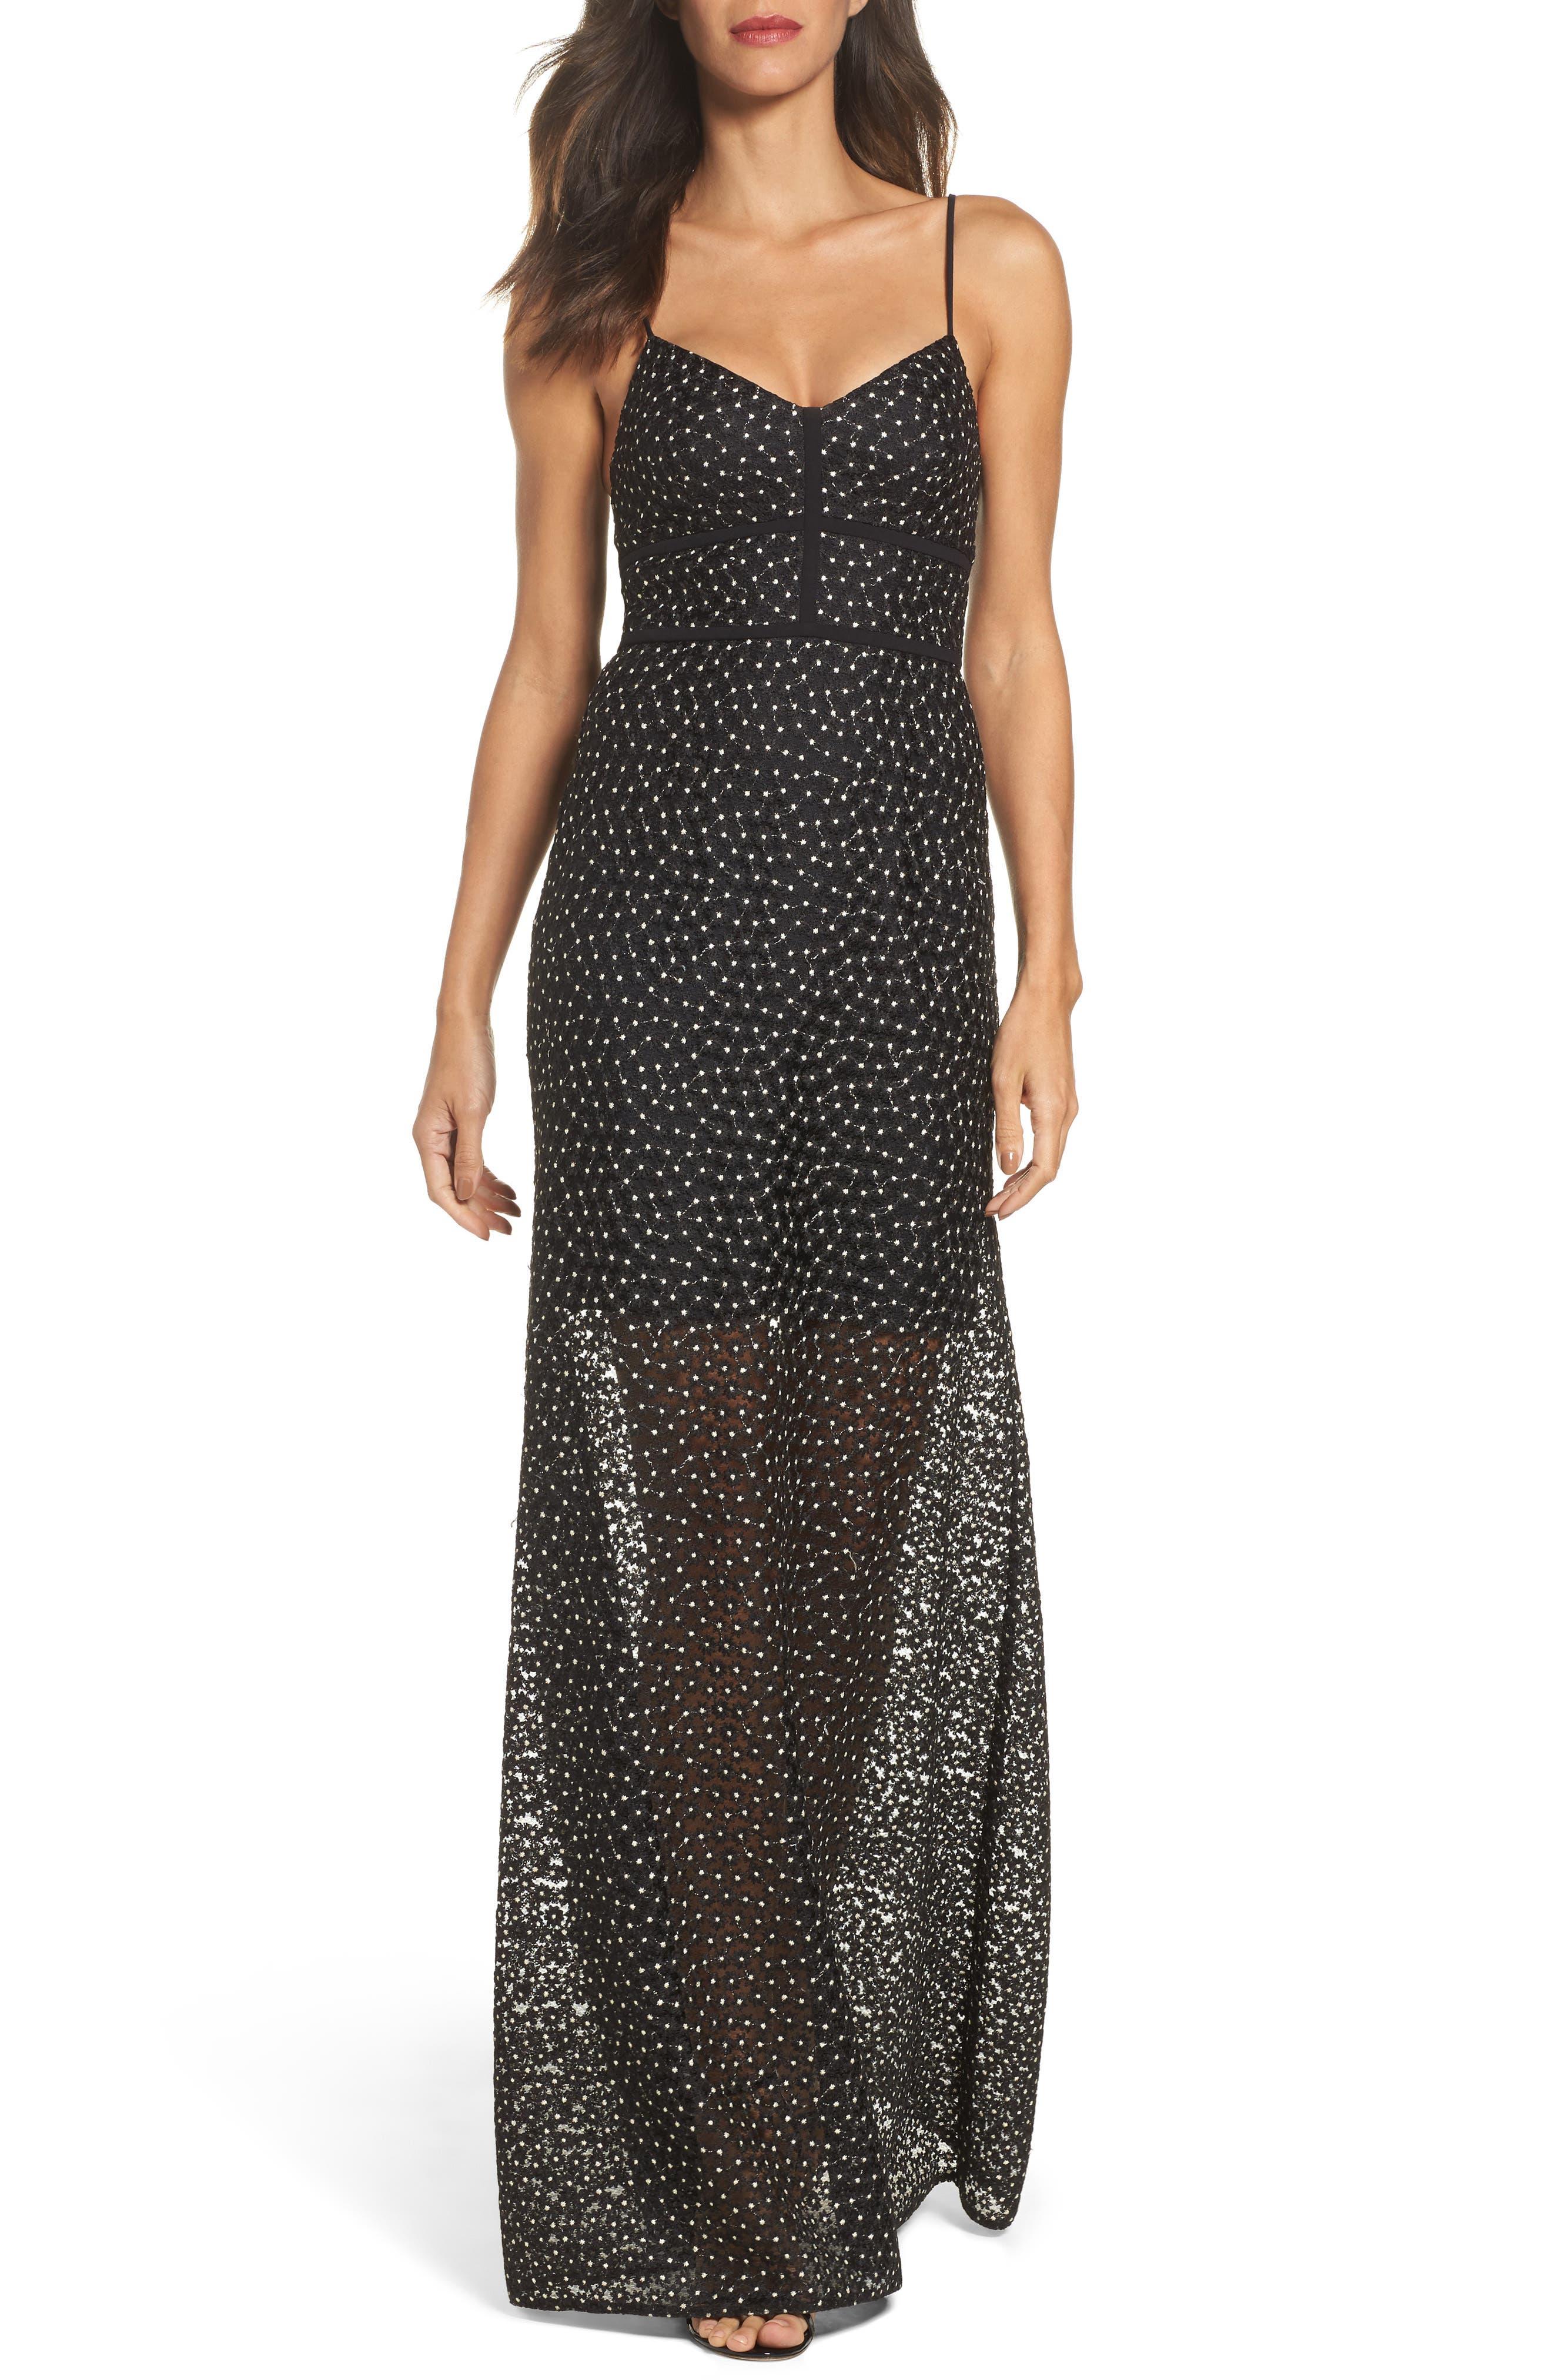 Jill Jill Stuart Floral Lace Crepe Gown